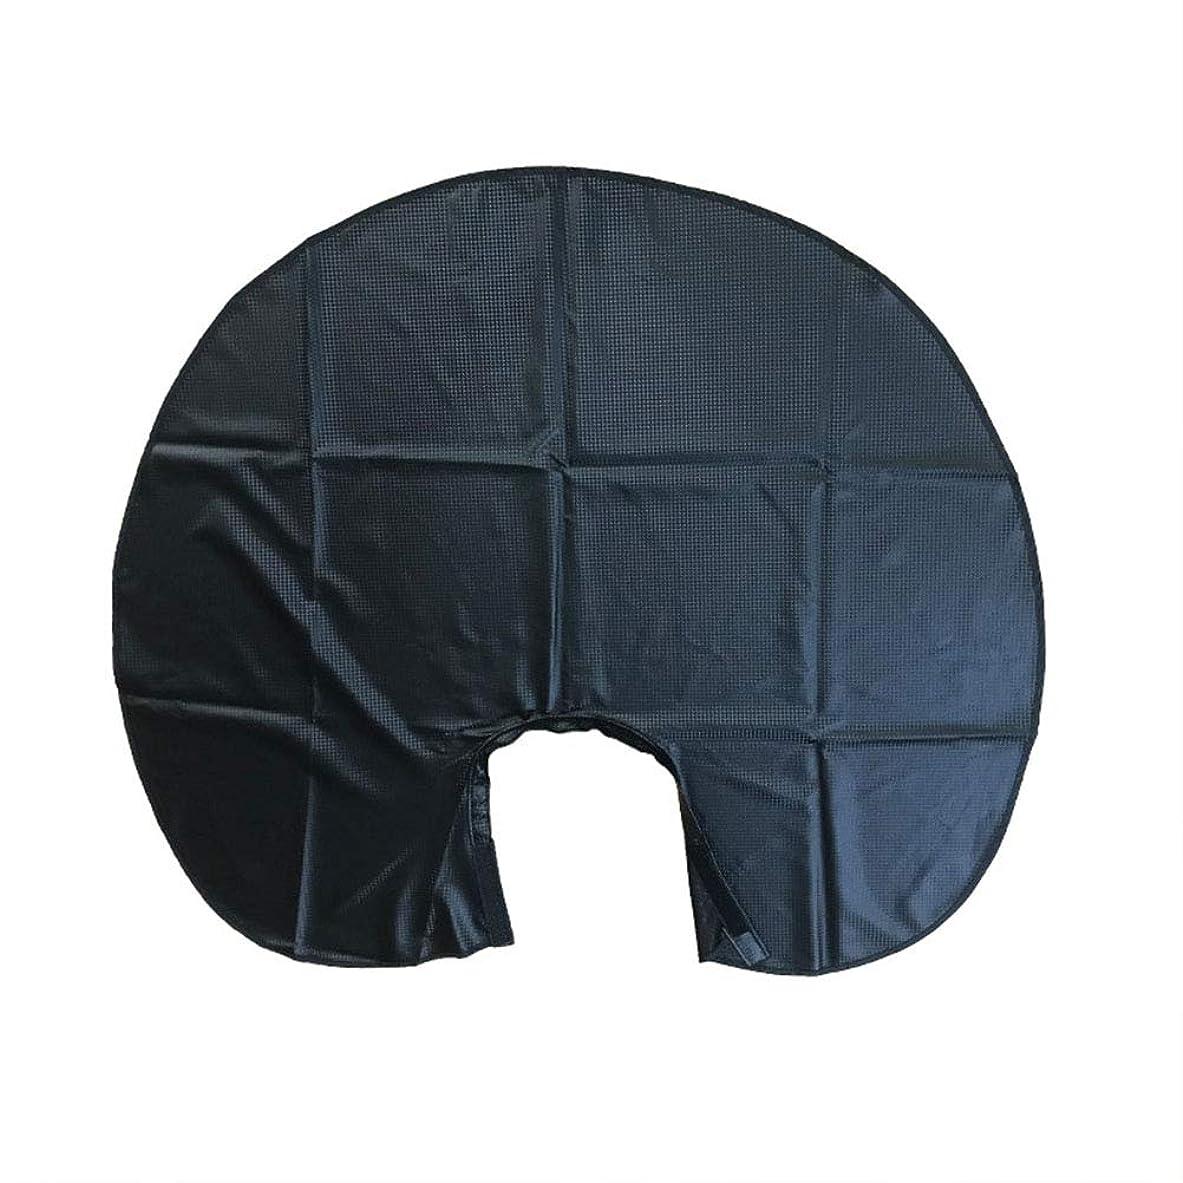 揃えるバックグラウンドなめらかなBeaupretty 1ピースヘアサロン切断エプロン防水ショートヘアケープケープ理髪店のドレス用理髪スタイリング